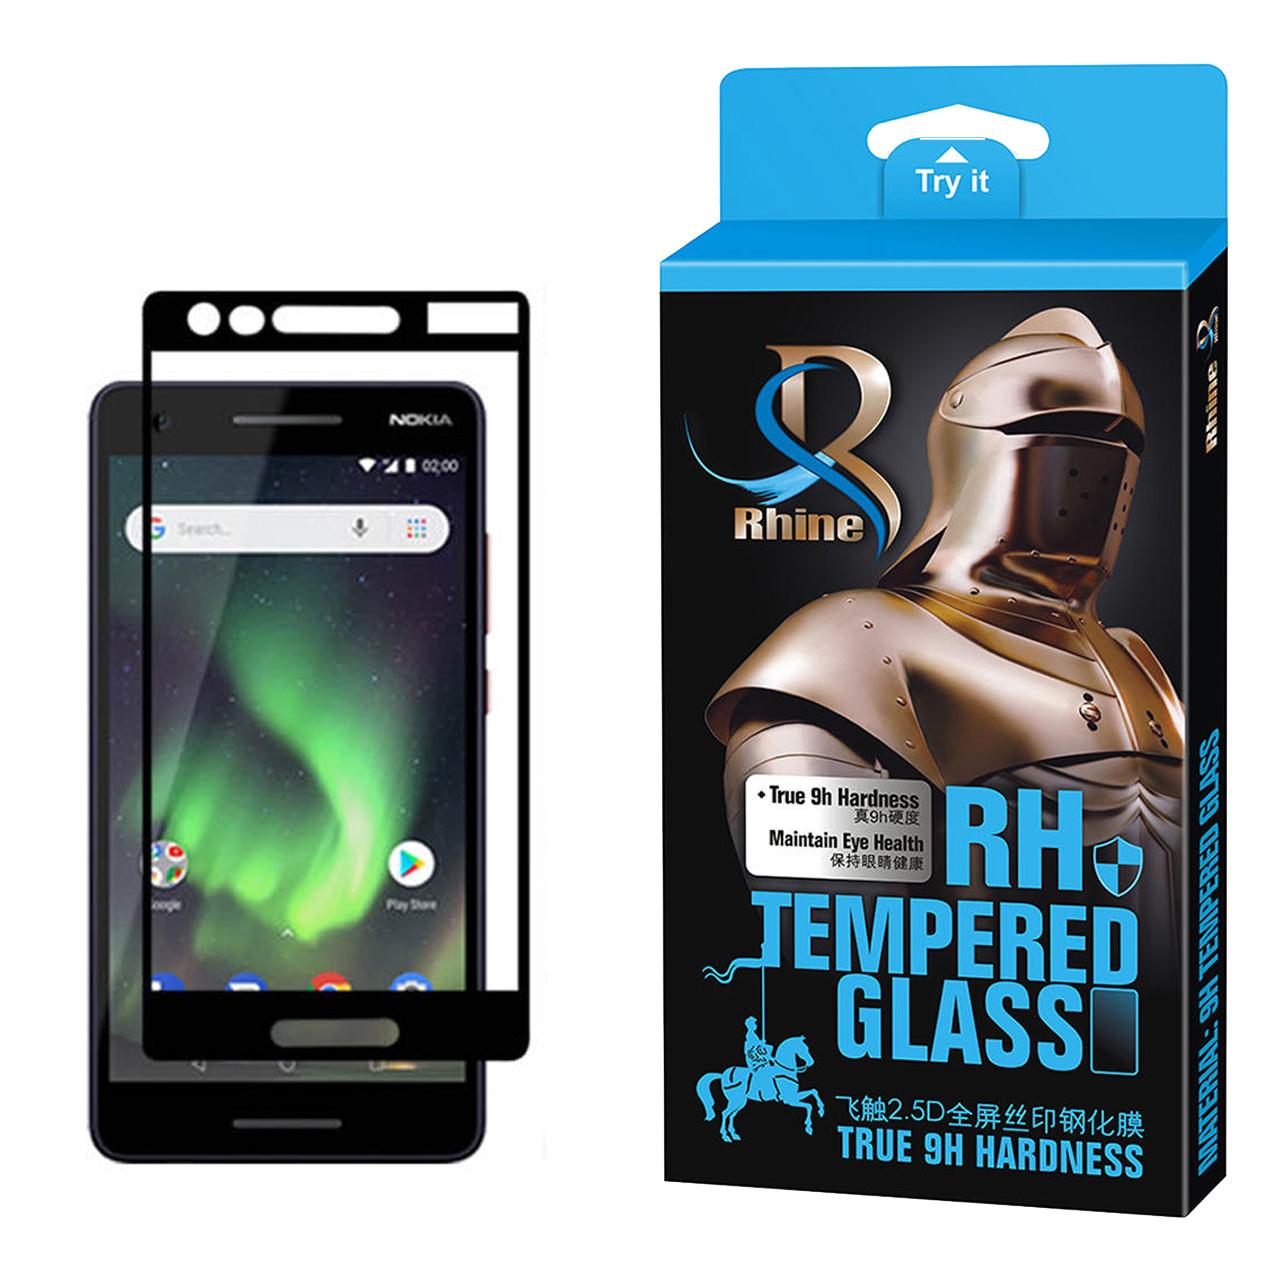 خرید                     محافظ صفحه نمایش راین مدل R_9 مناسب برای گوشی موبایل نوکیا 2.1